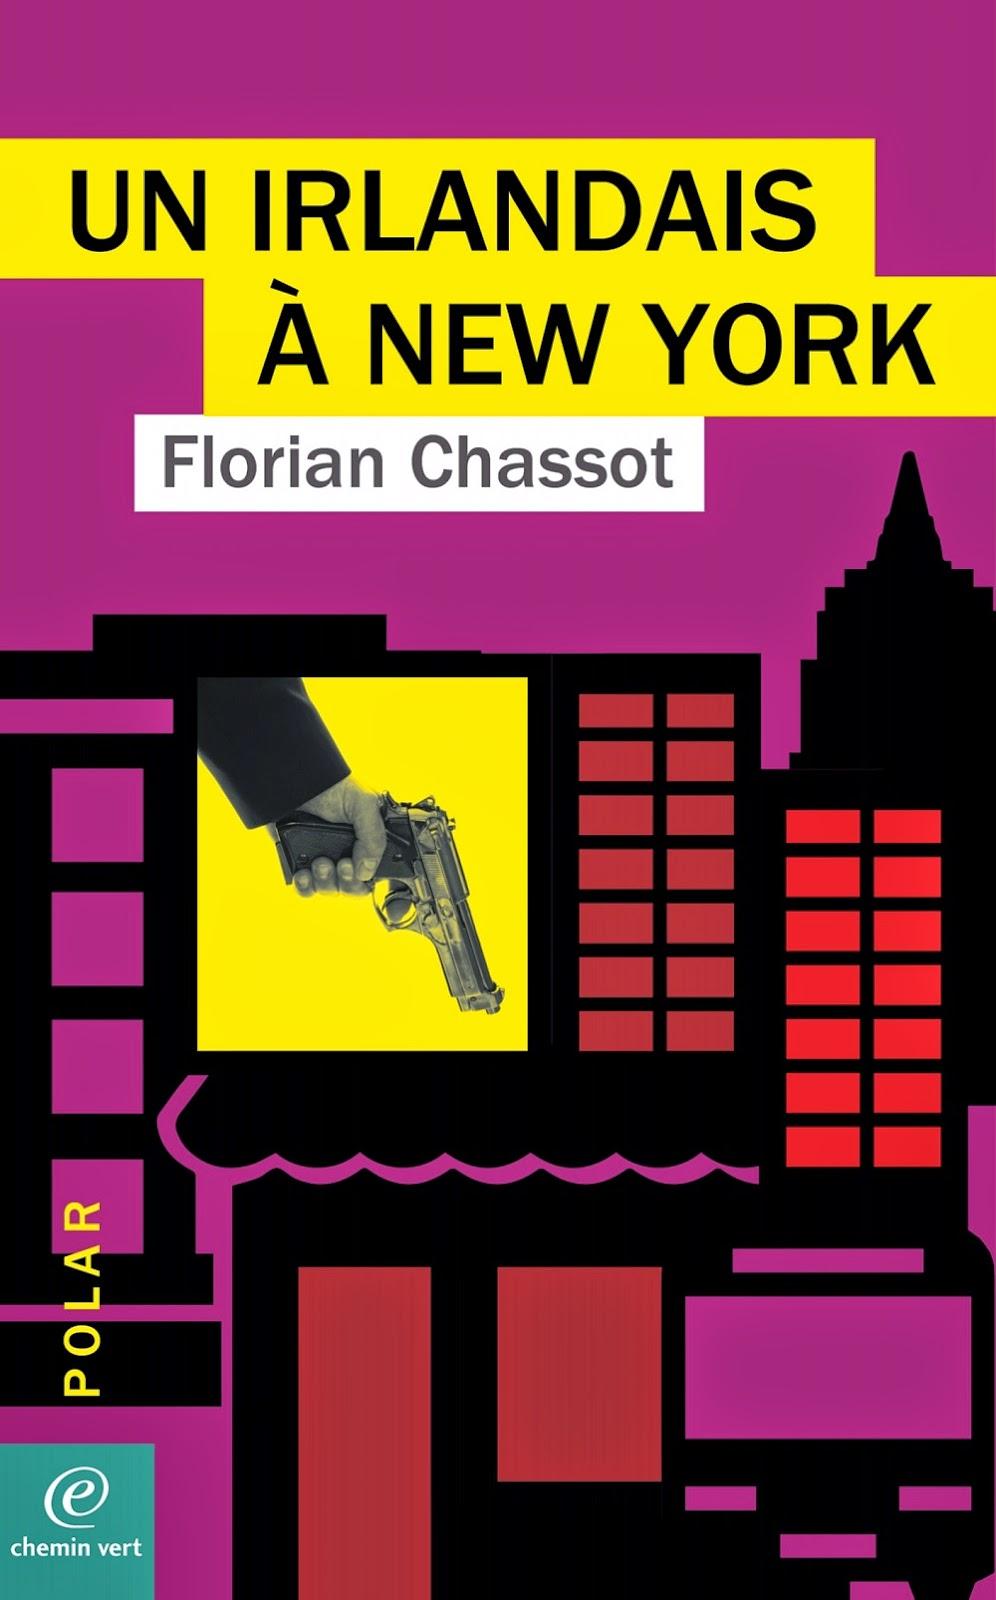 andr u00e9e la papivore  un irlandais  u00e0 new york  de florian